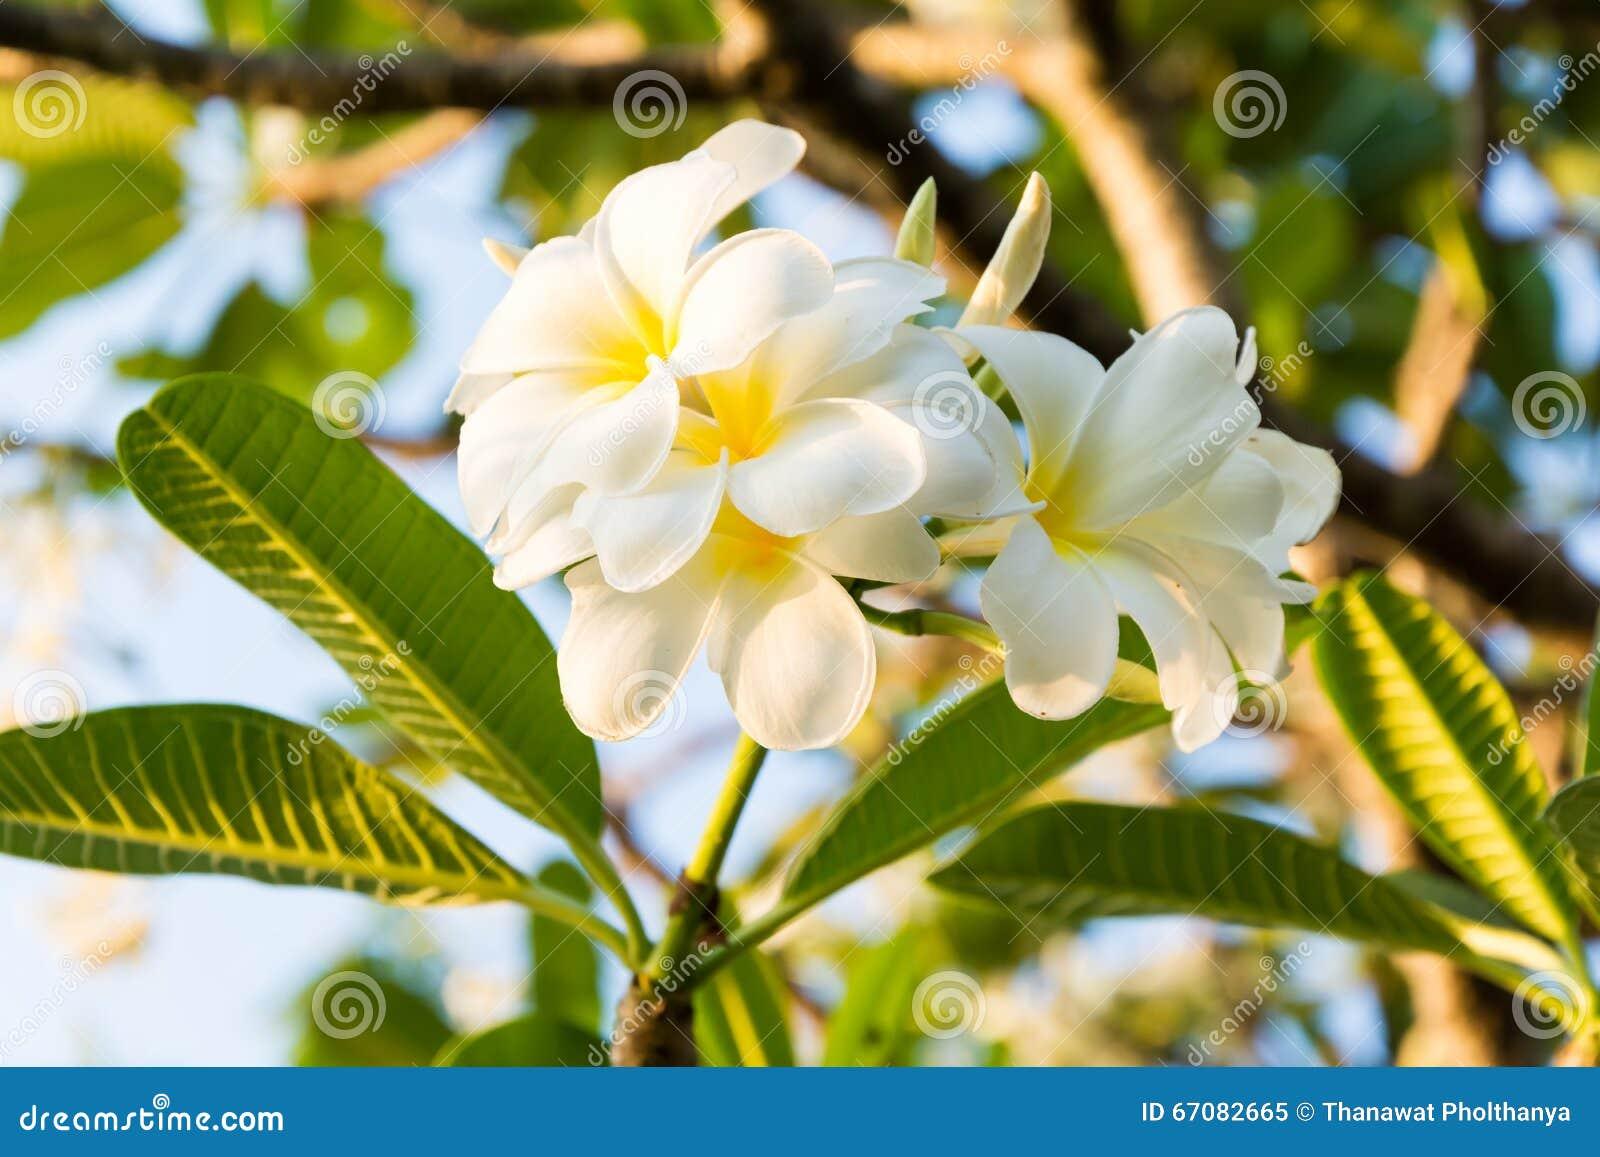 Flores bonitas do plumeria